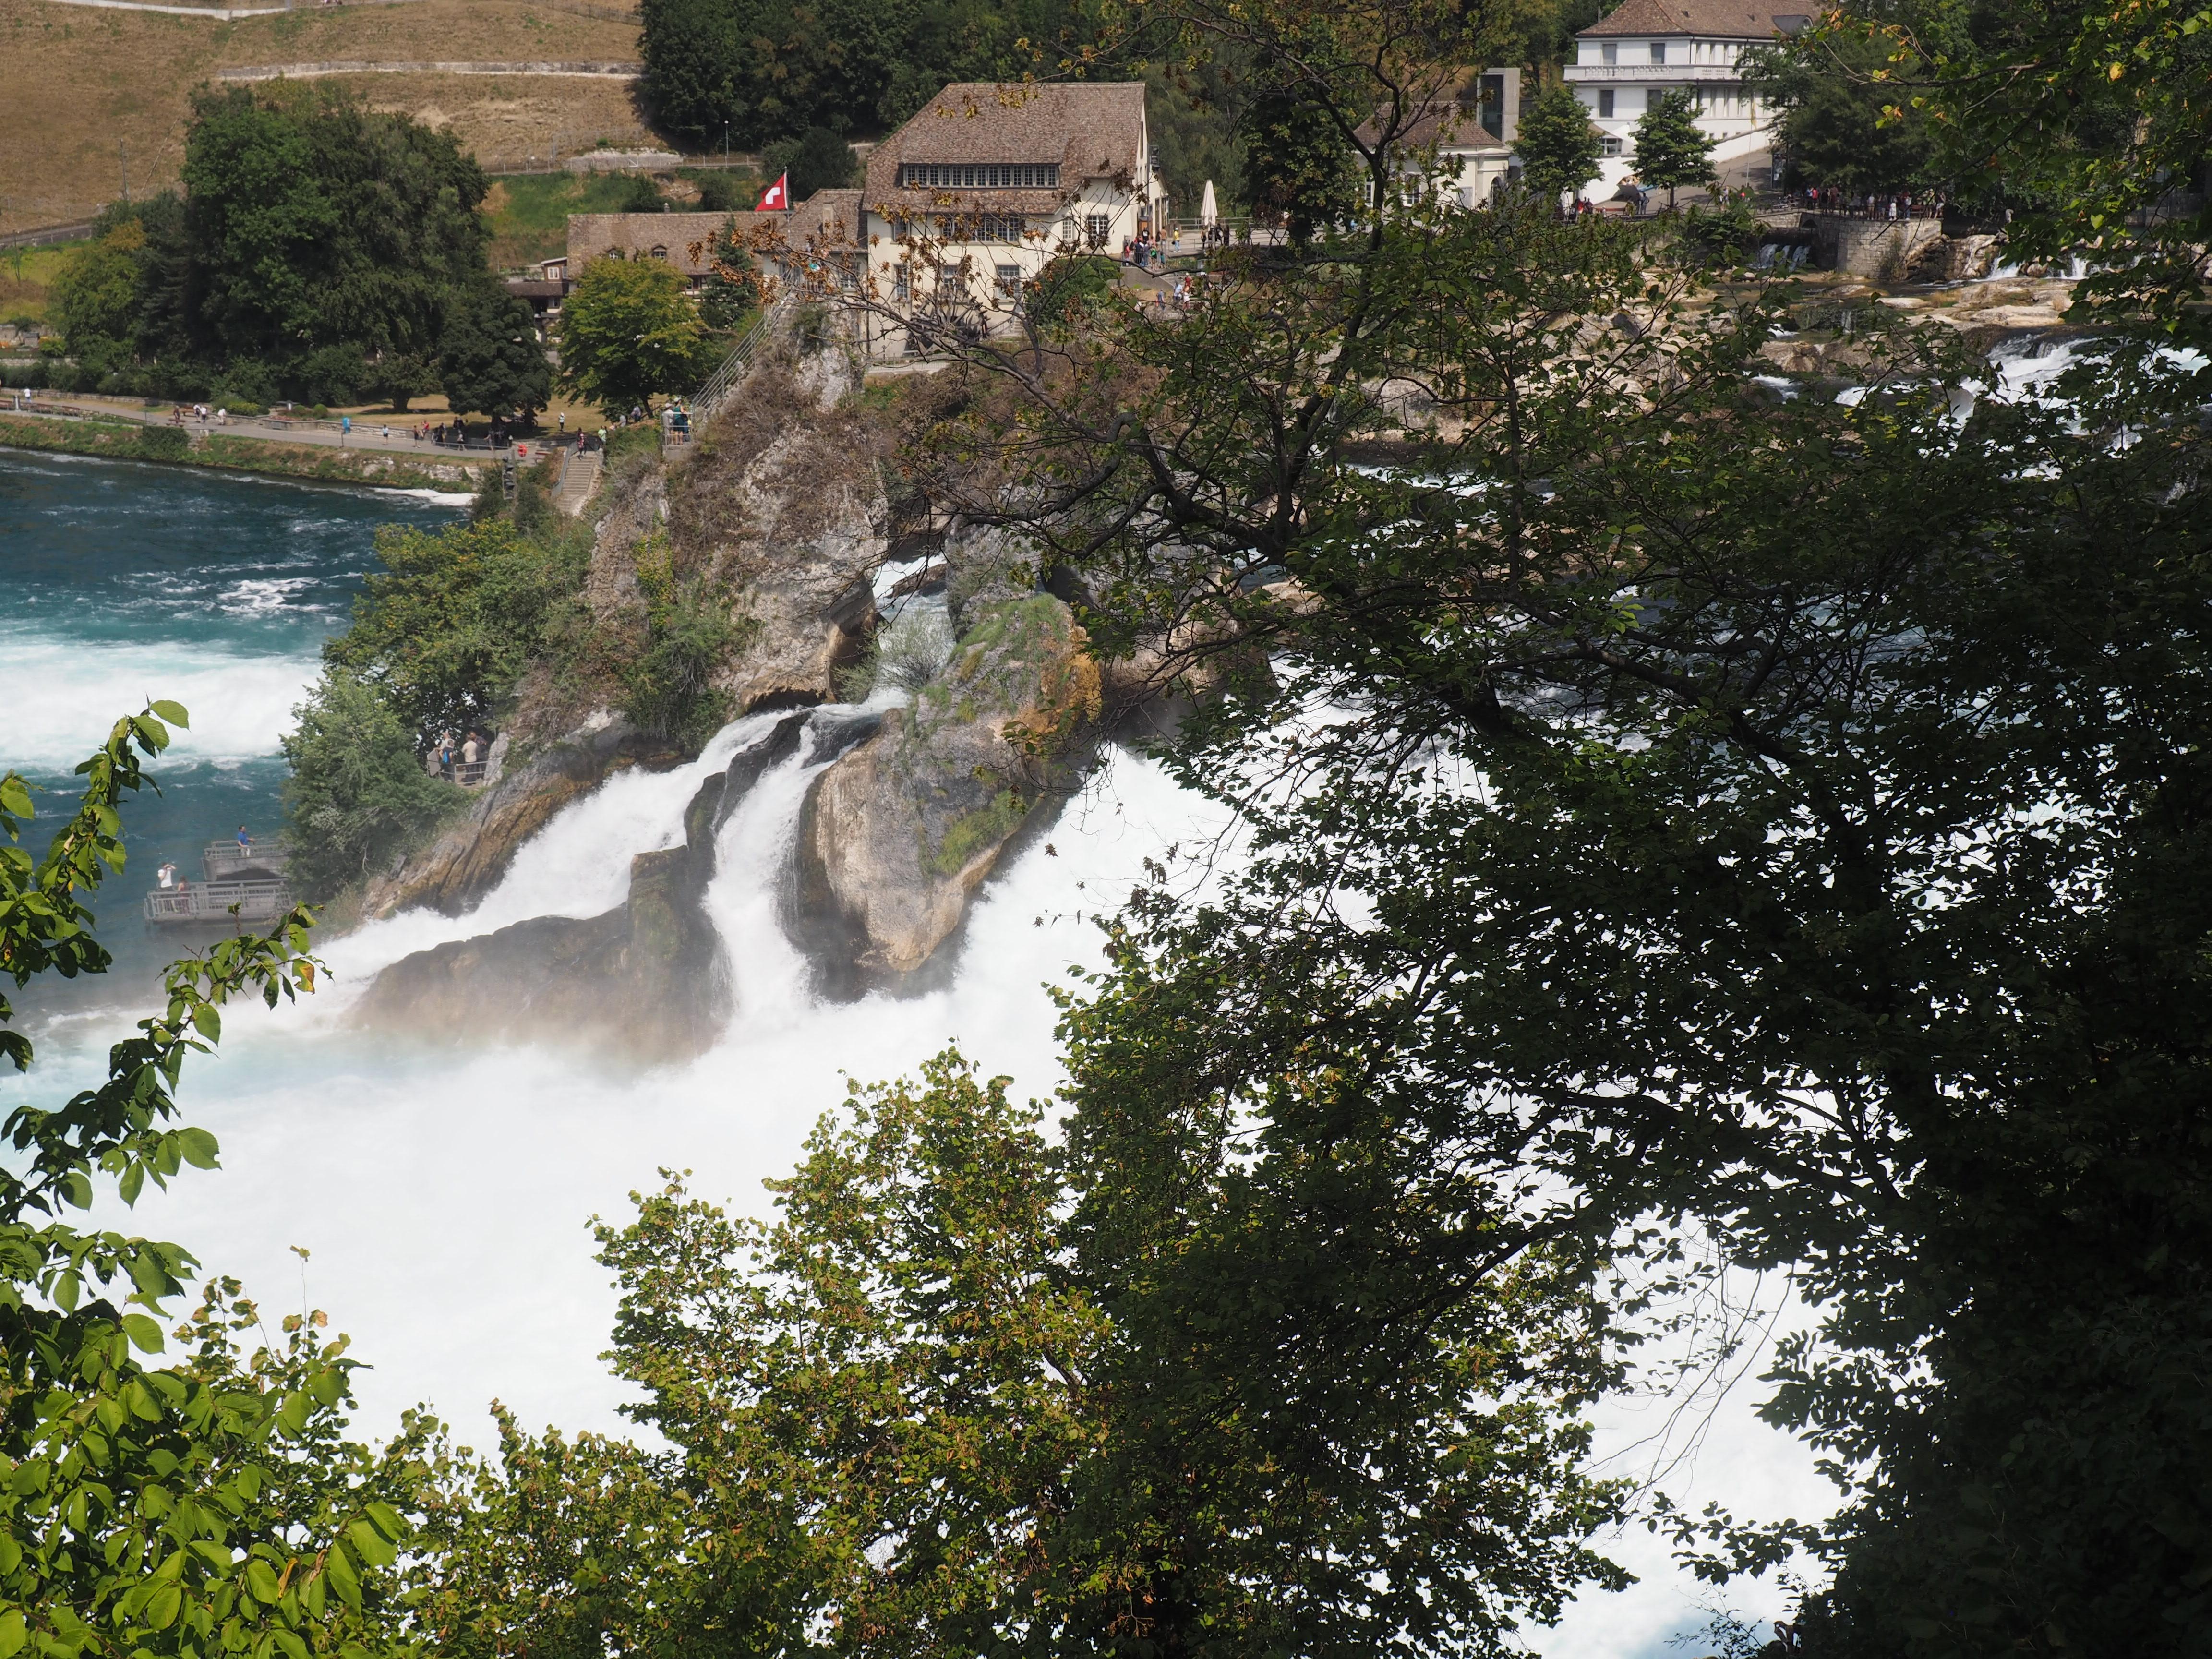 Tosende Wassermassen am Rheinfall bei Schaffhausen, dem größten Wasserfall Europas